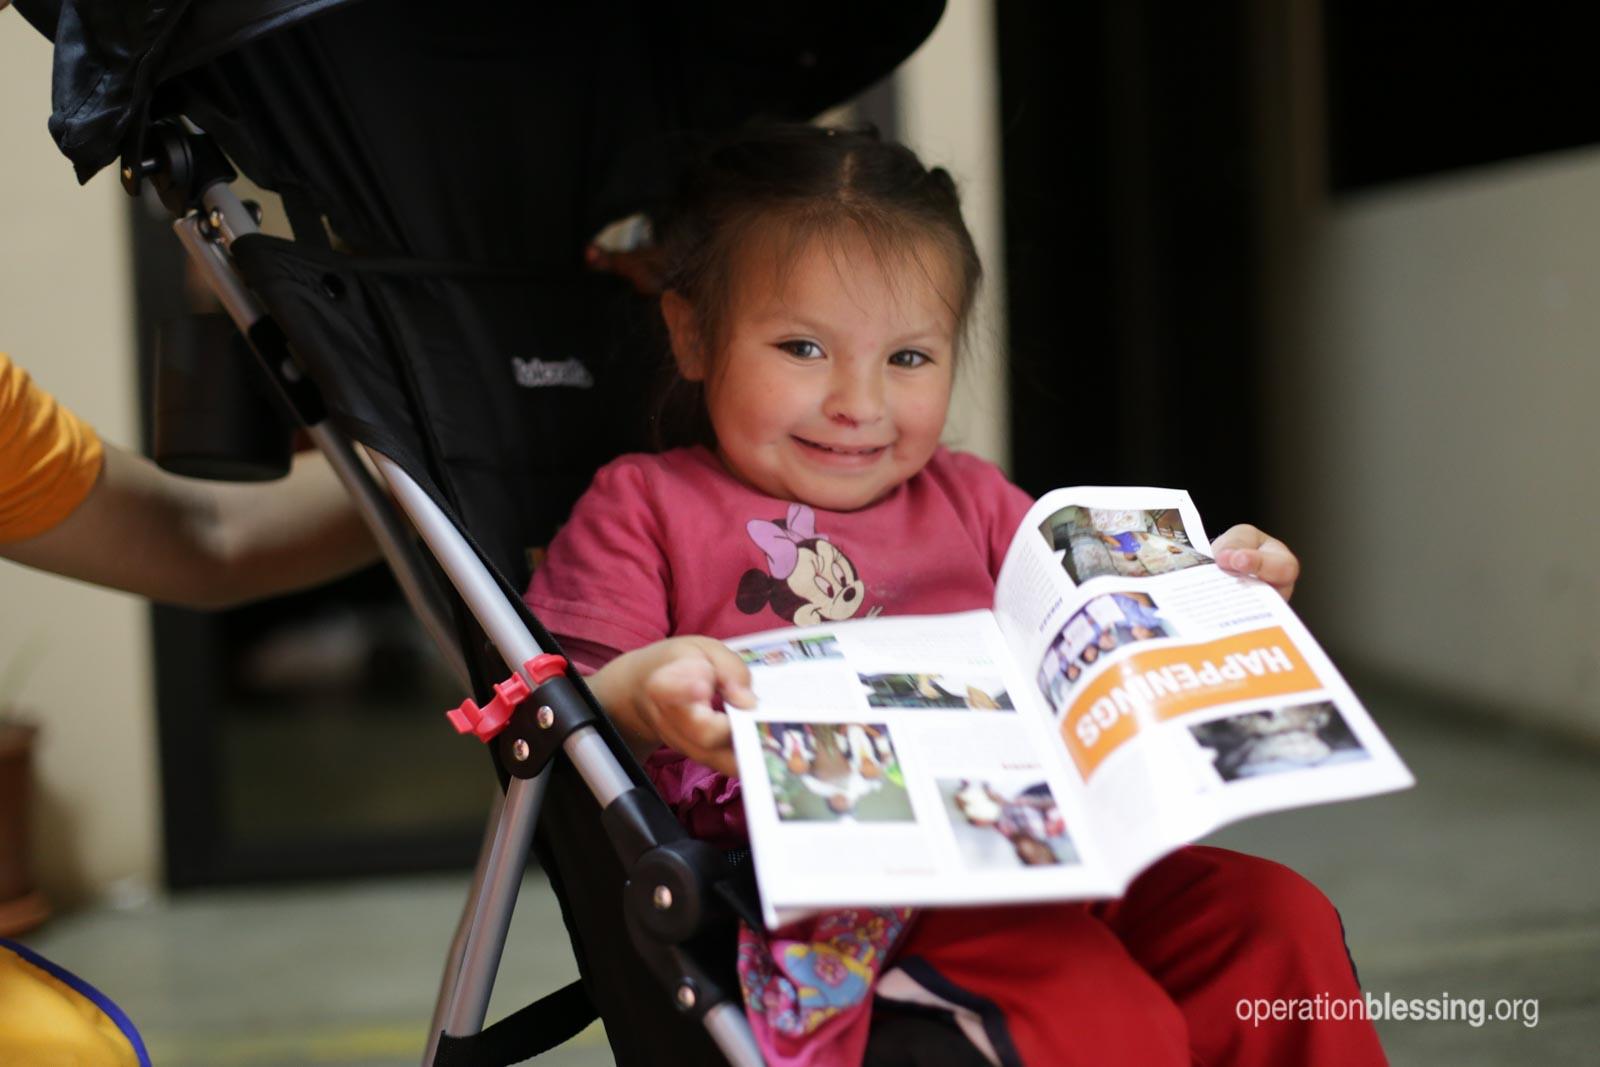 Fernanda reads Blessings magazine in her new stroller.